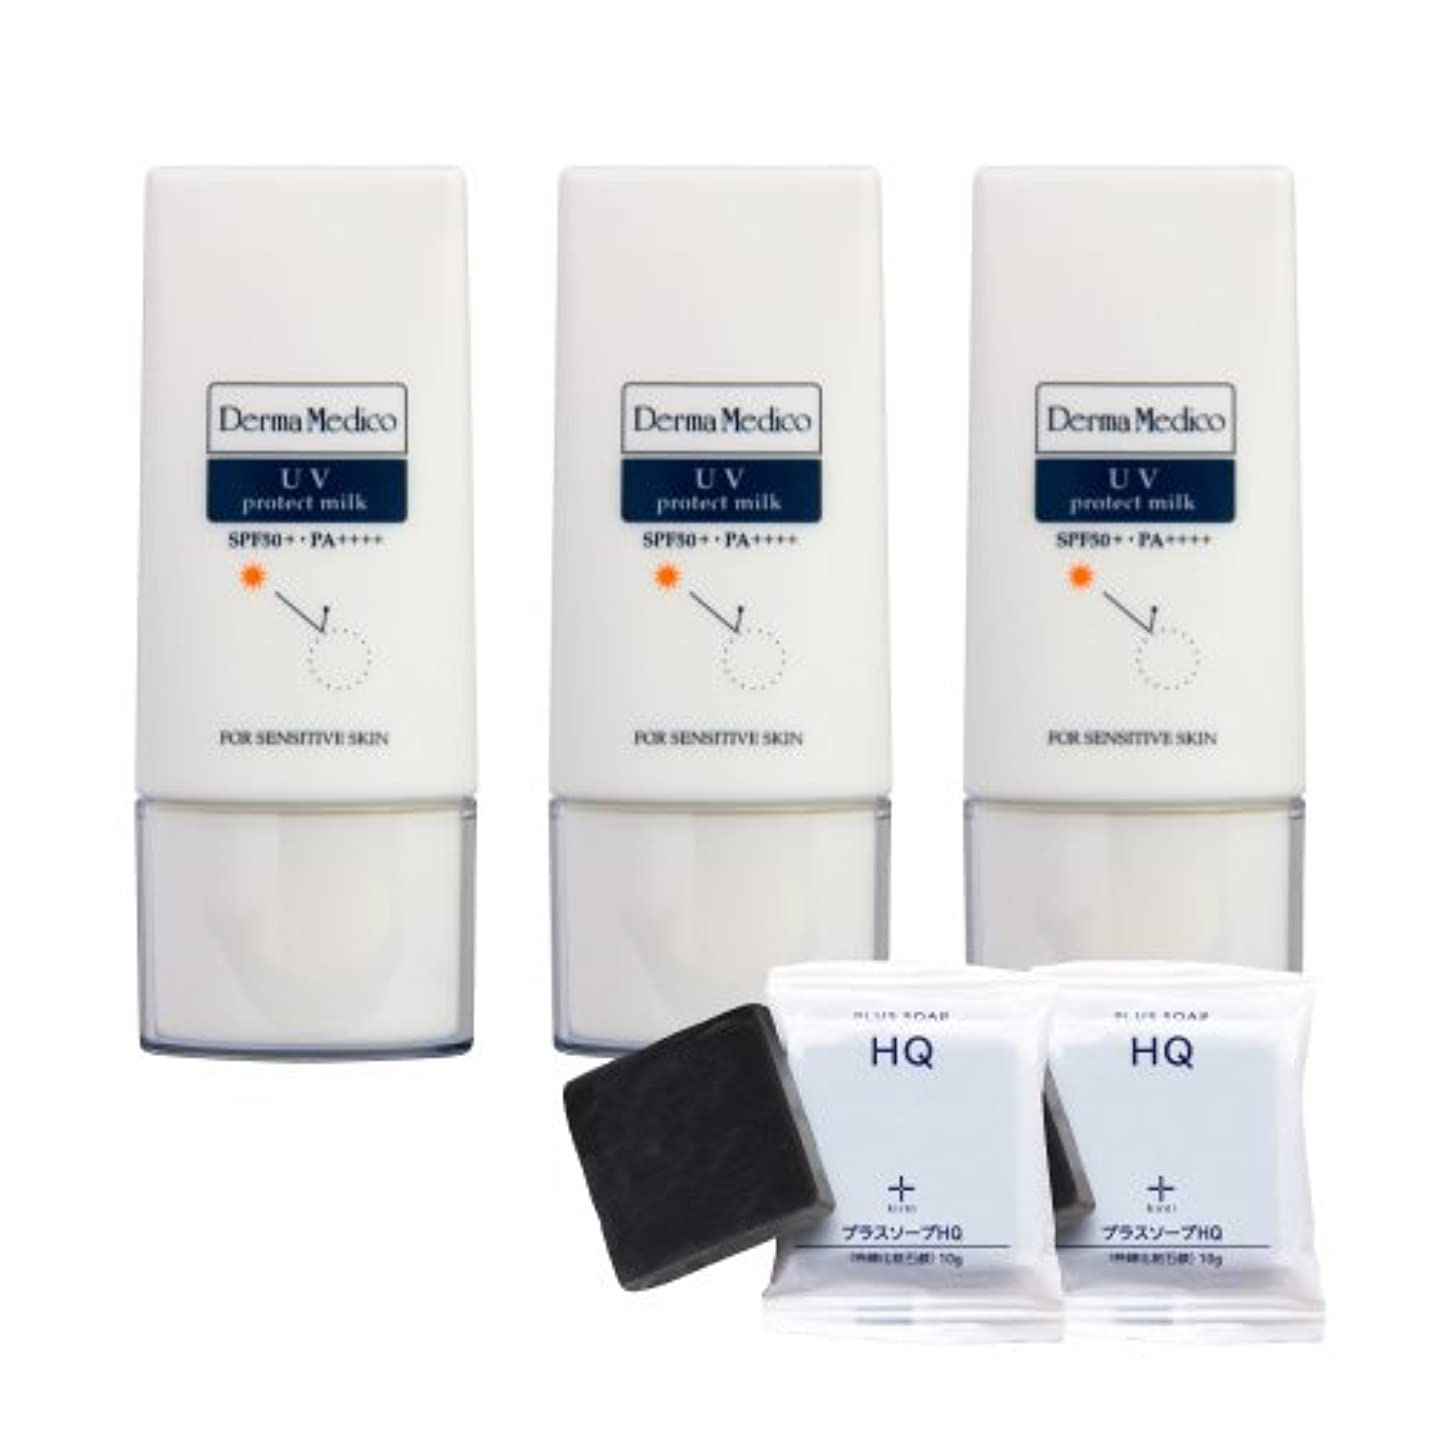 ダーベビルのテス法的収縮ダーマメディコ UVプロテクトミルク SPF50+ PA++++ (3個+ミニソープ2個セット)